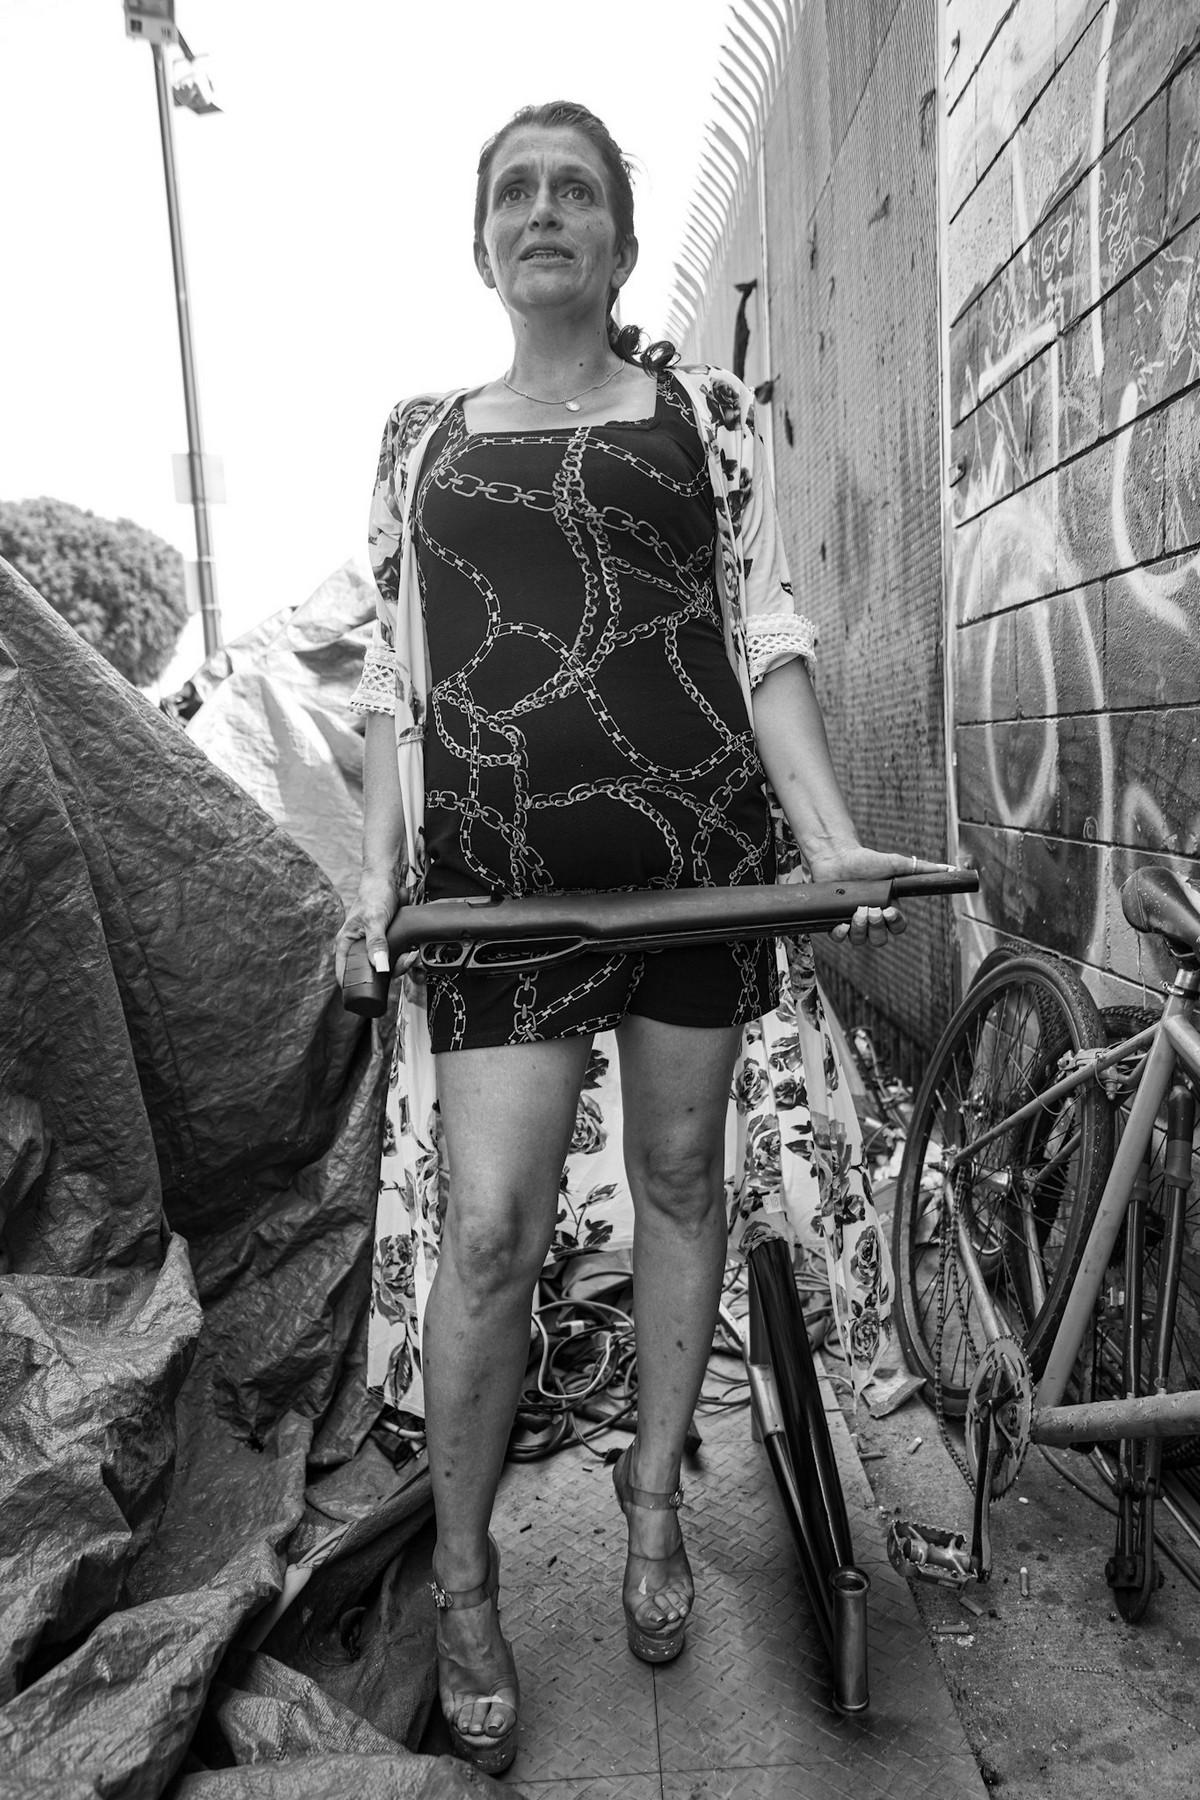 Фотограф десять лет документировал жизнь бездомных в Лос-Анджелесе